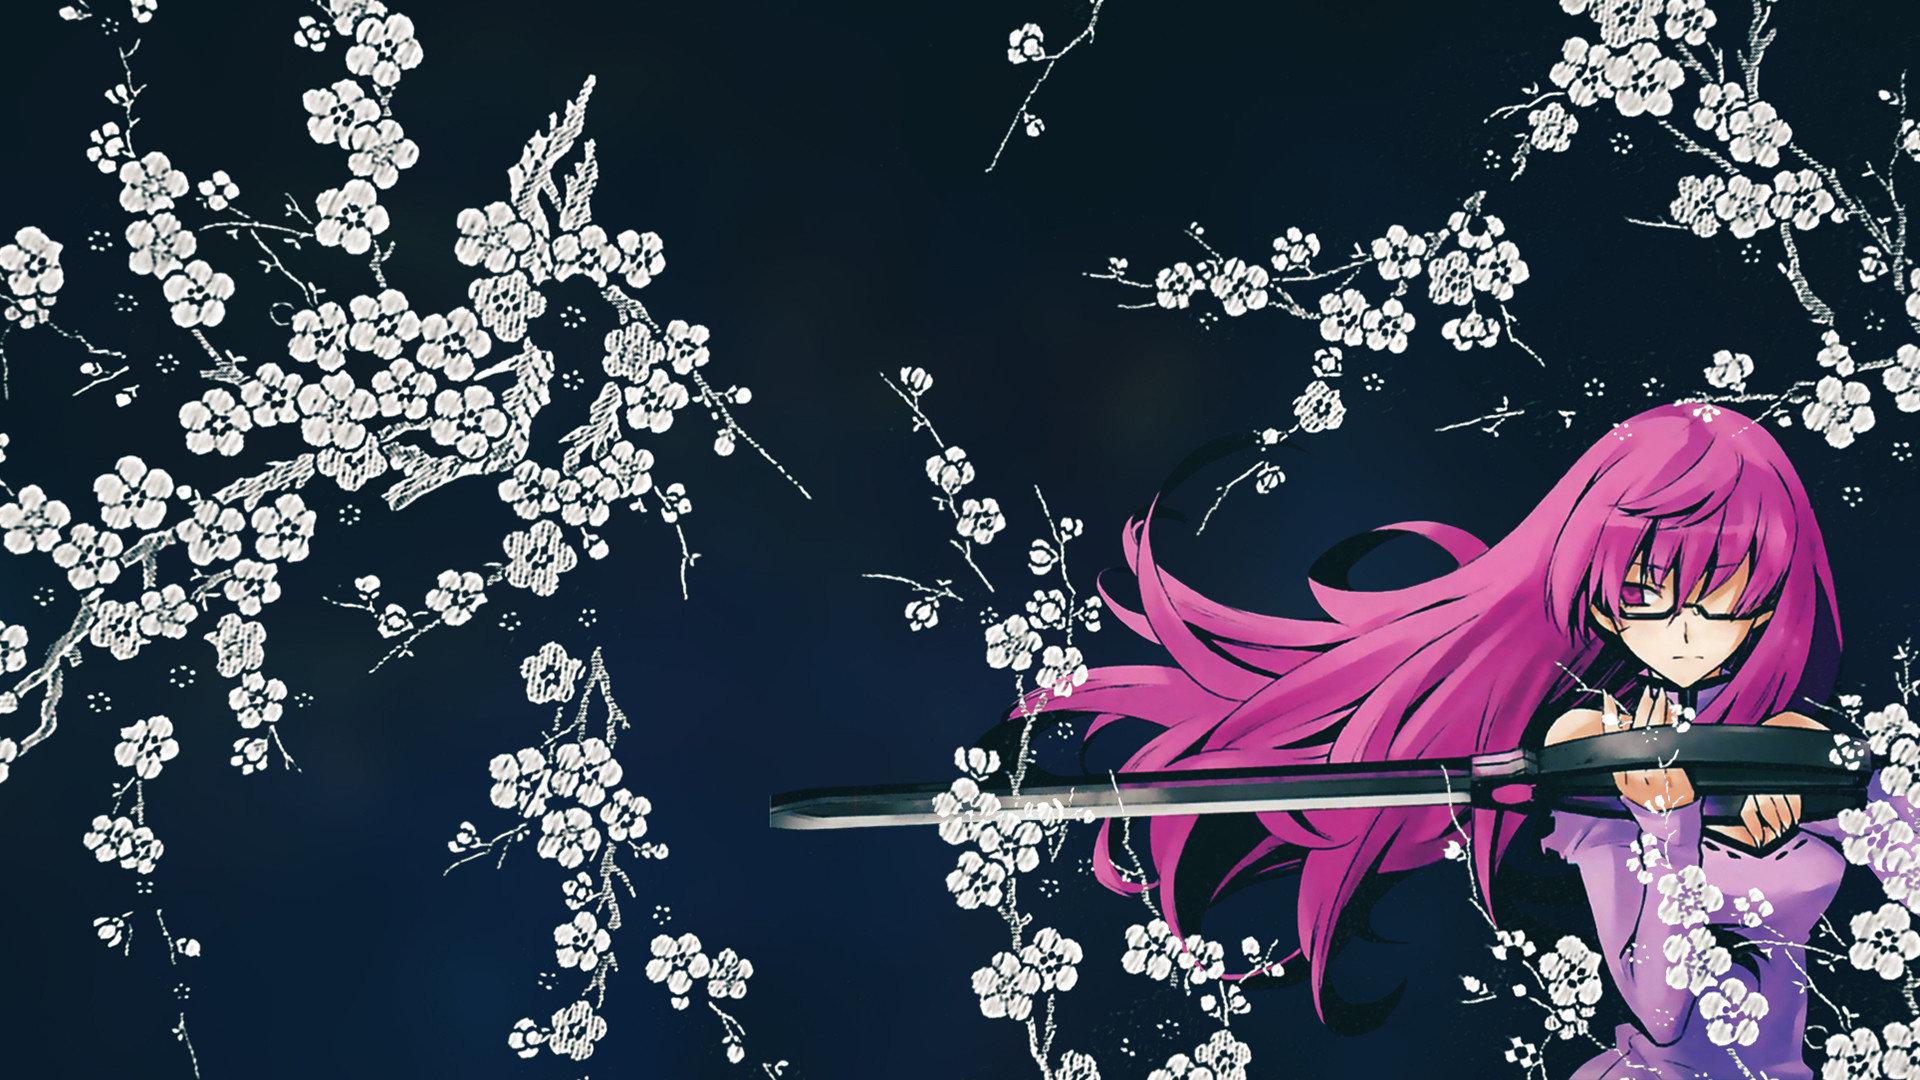 Anime Wallpaper Dump 9